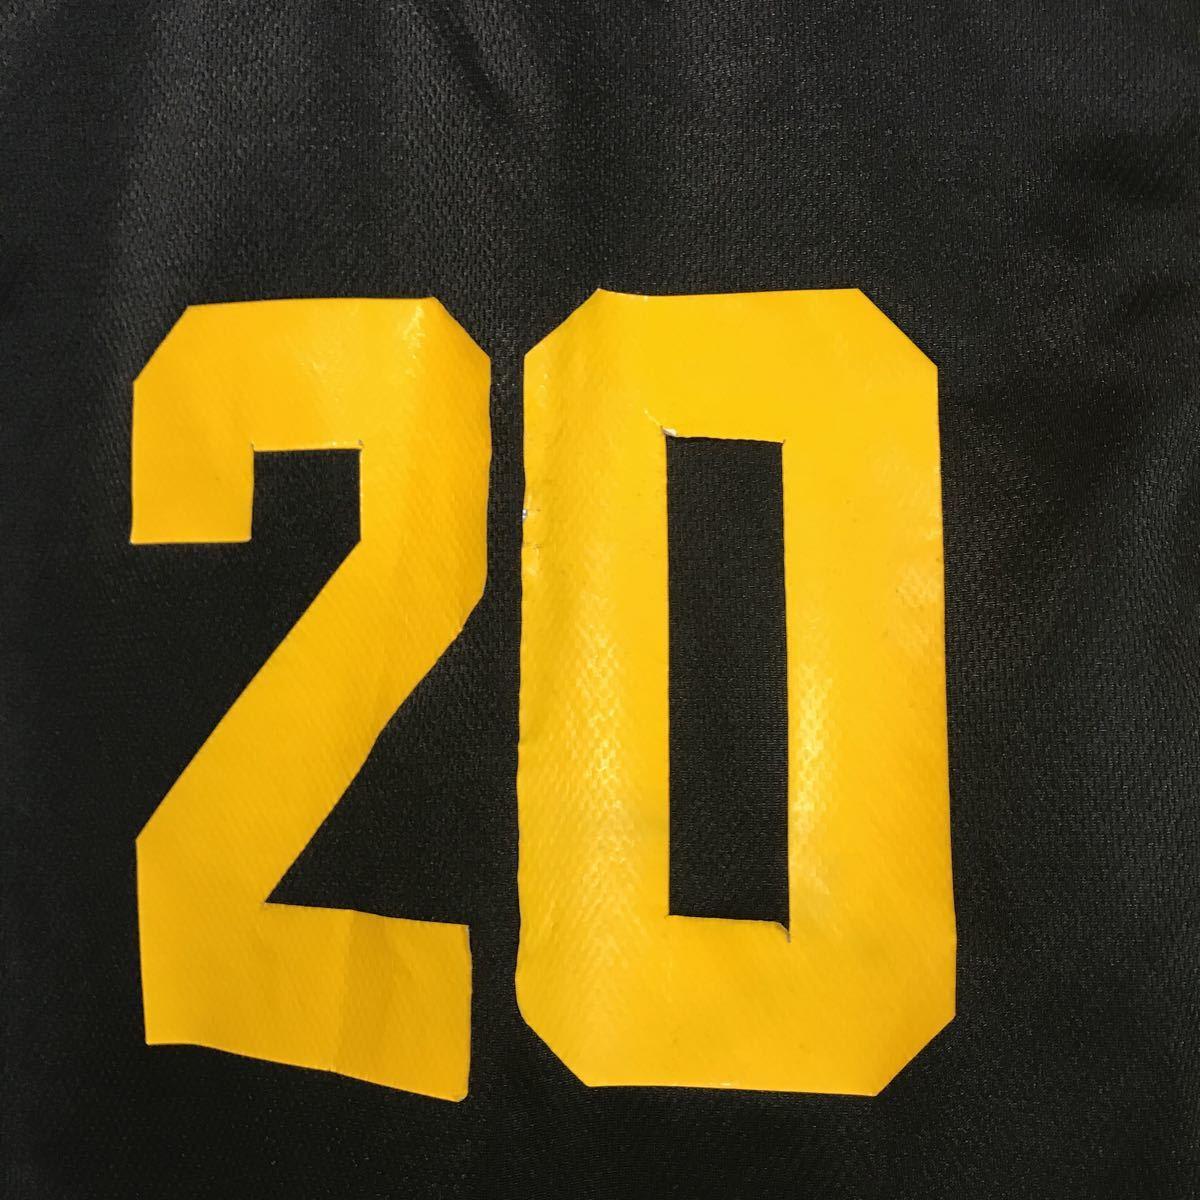 和田 女子バスケットボール部 ブルファイトbull fight #20 黒 ブラック バスケユニフォーム バスケットボール 上下セット Mサイズ_画像8